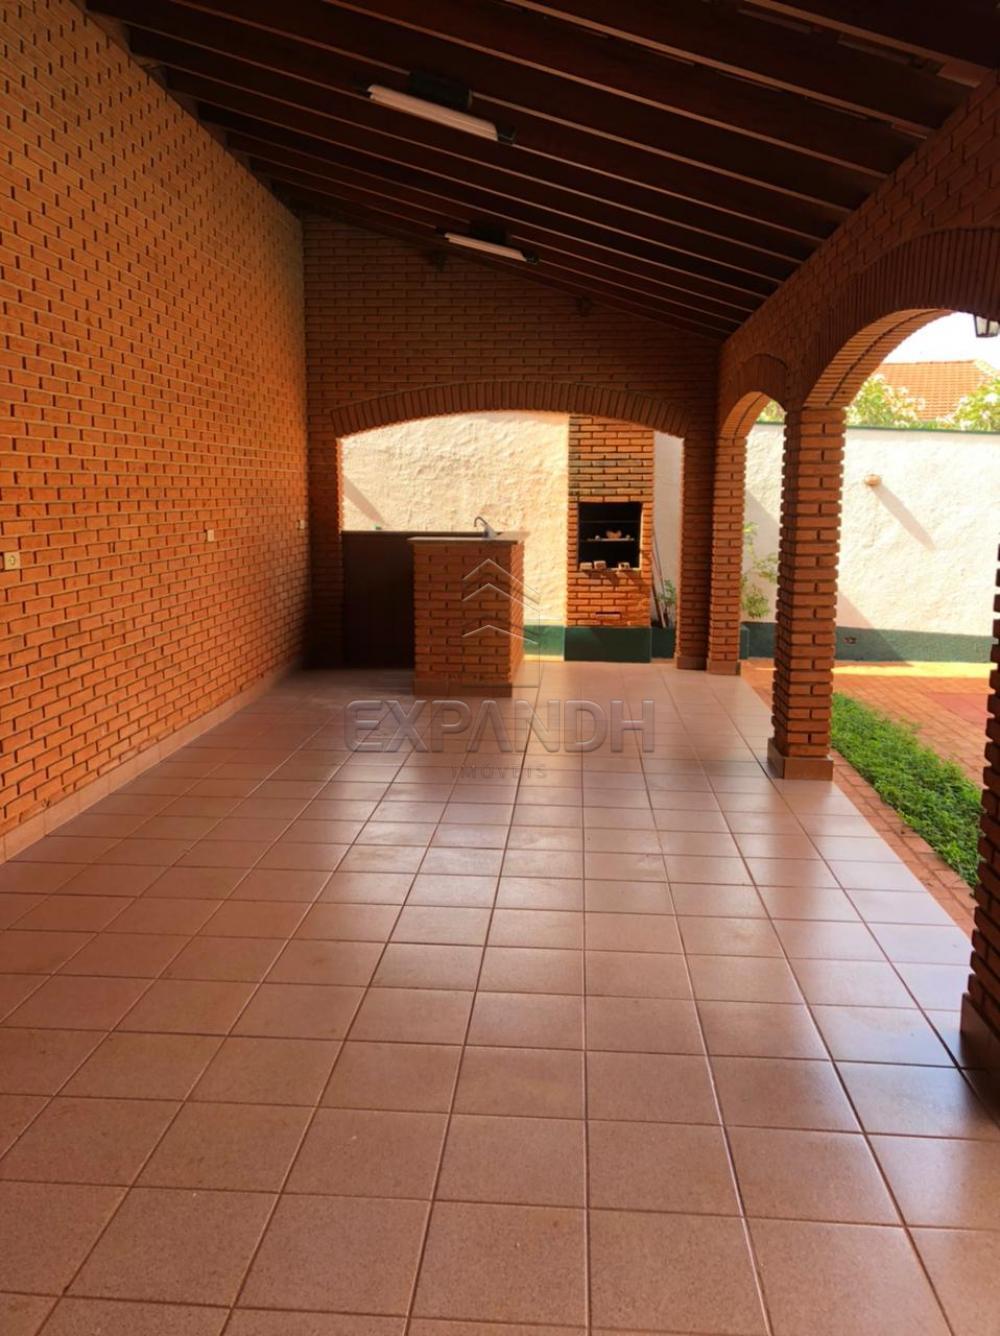 Alugar Casas / Padrão em Sertãozinho R$ 2.700,00 - Foto 27